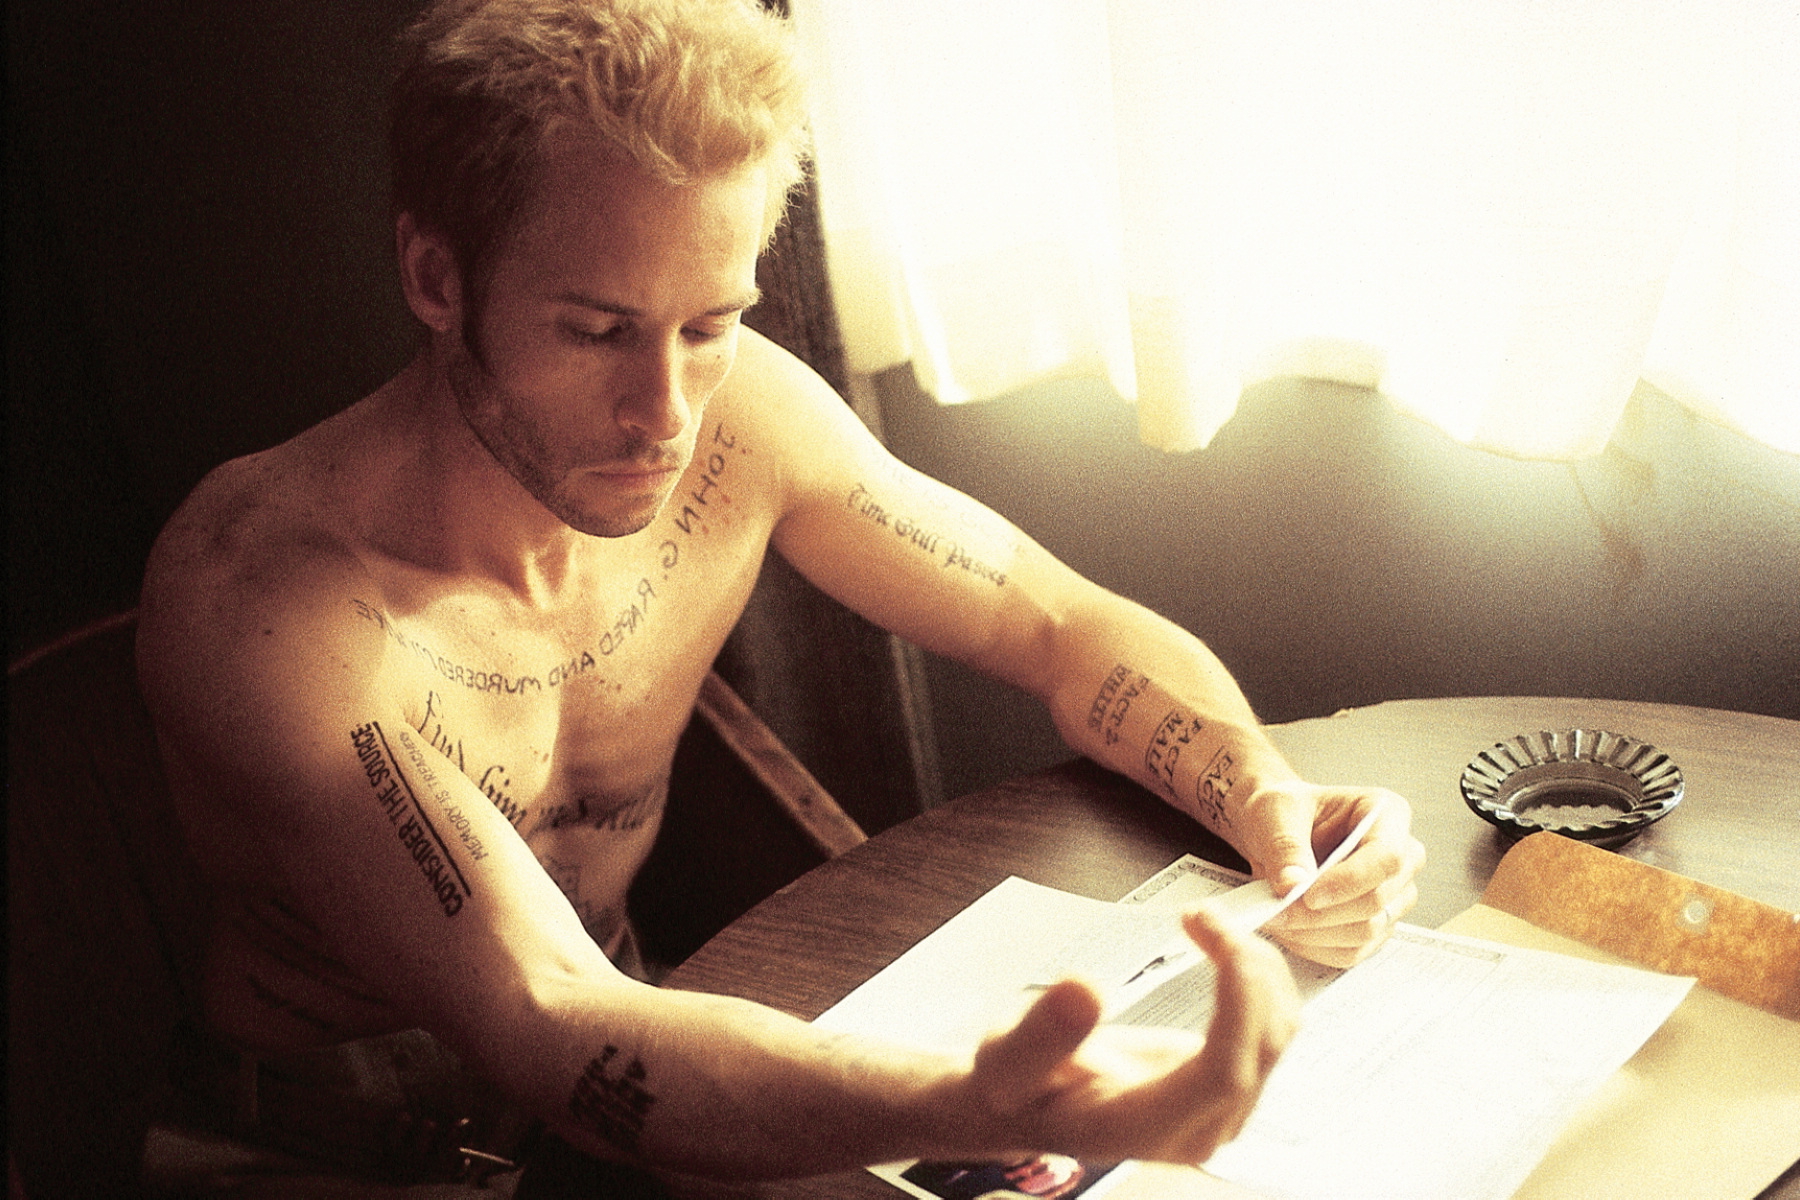 本片是票房名導克里斯多福諾蘭20年前的經典燒腦神片,圖為男主角蓋皮爾斯